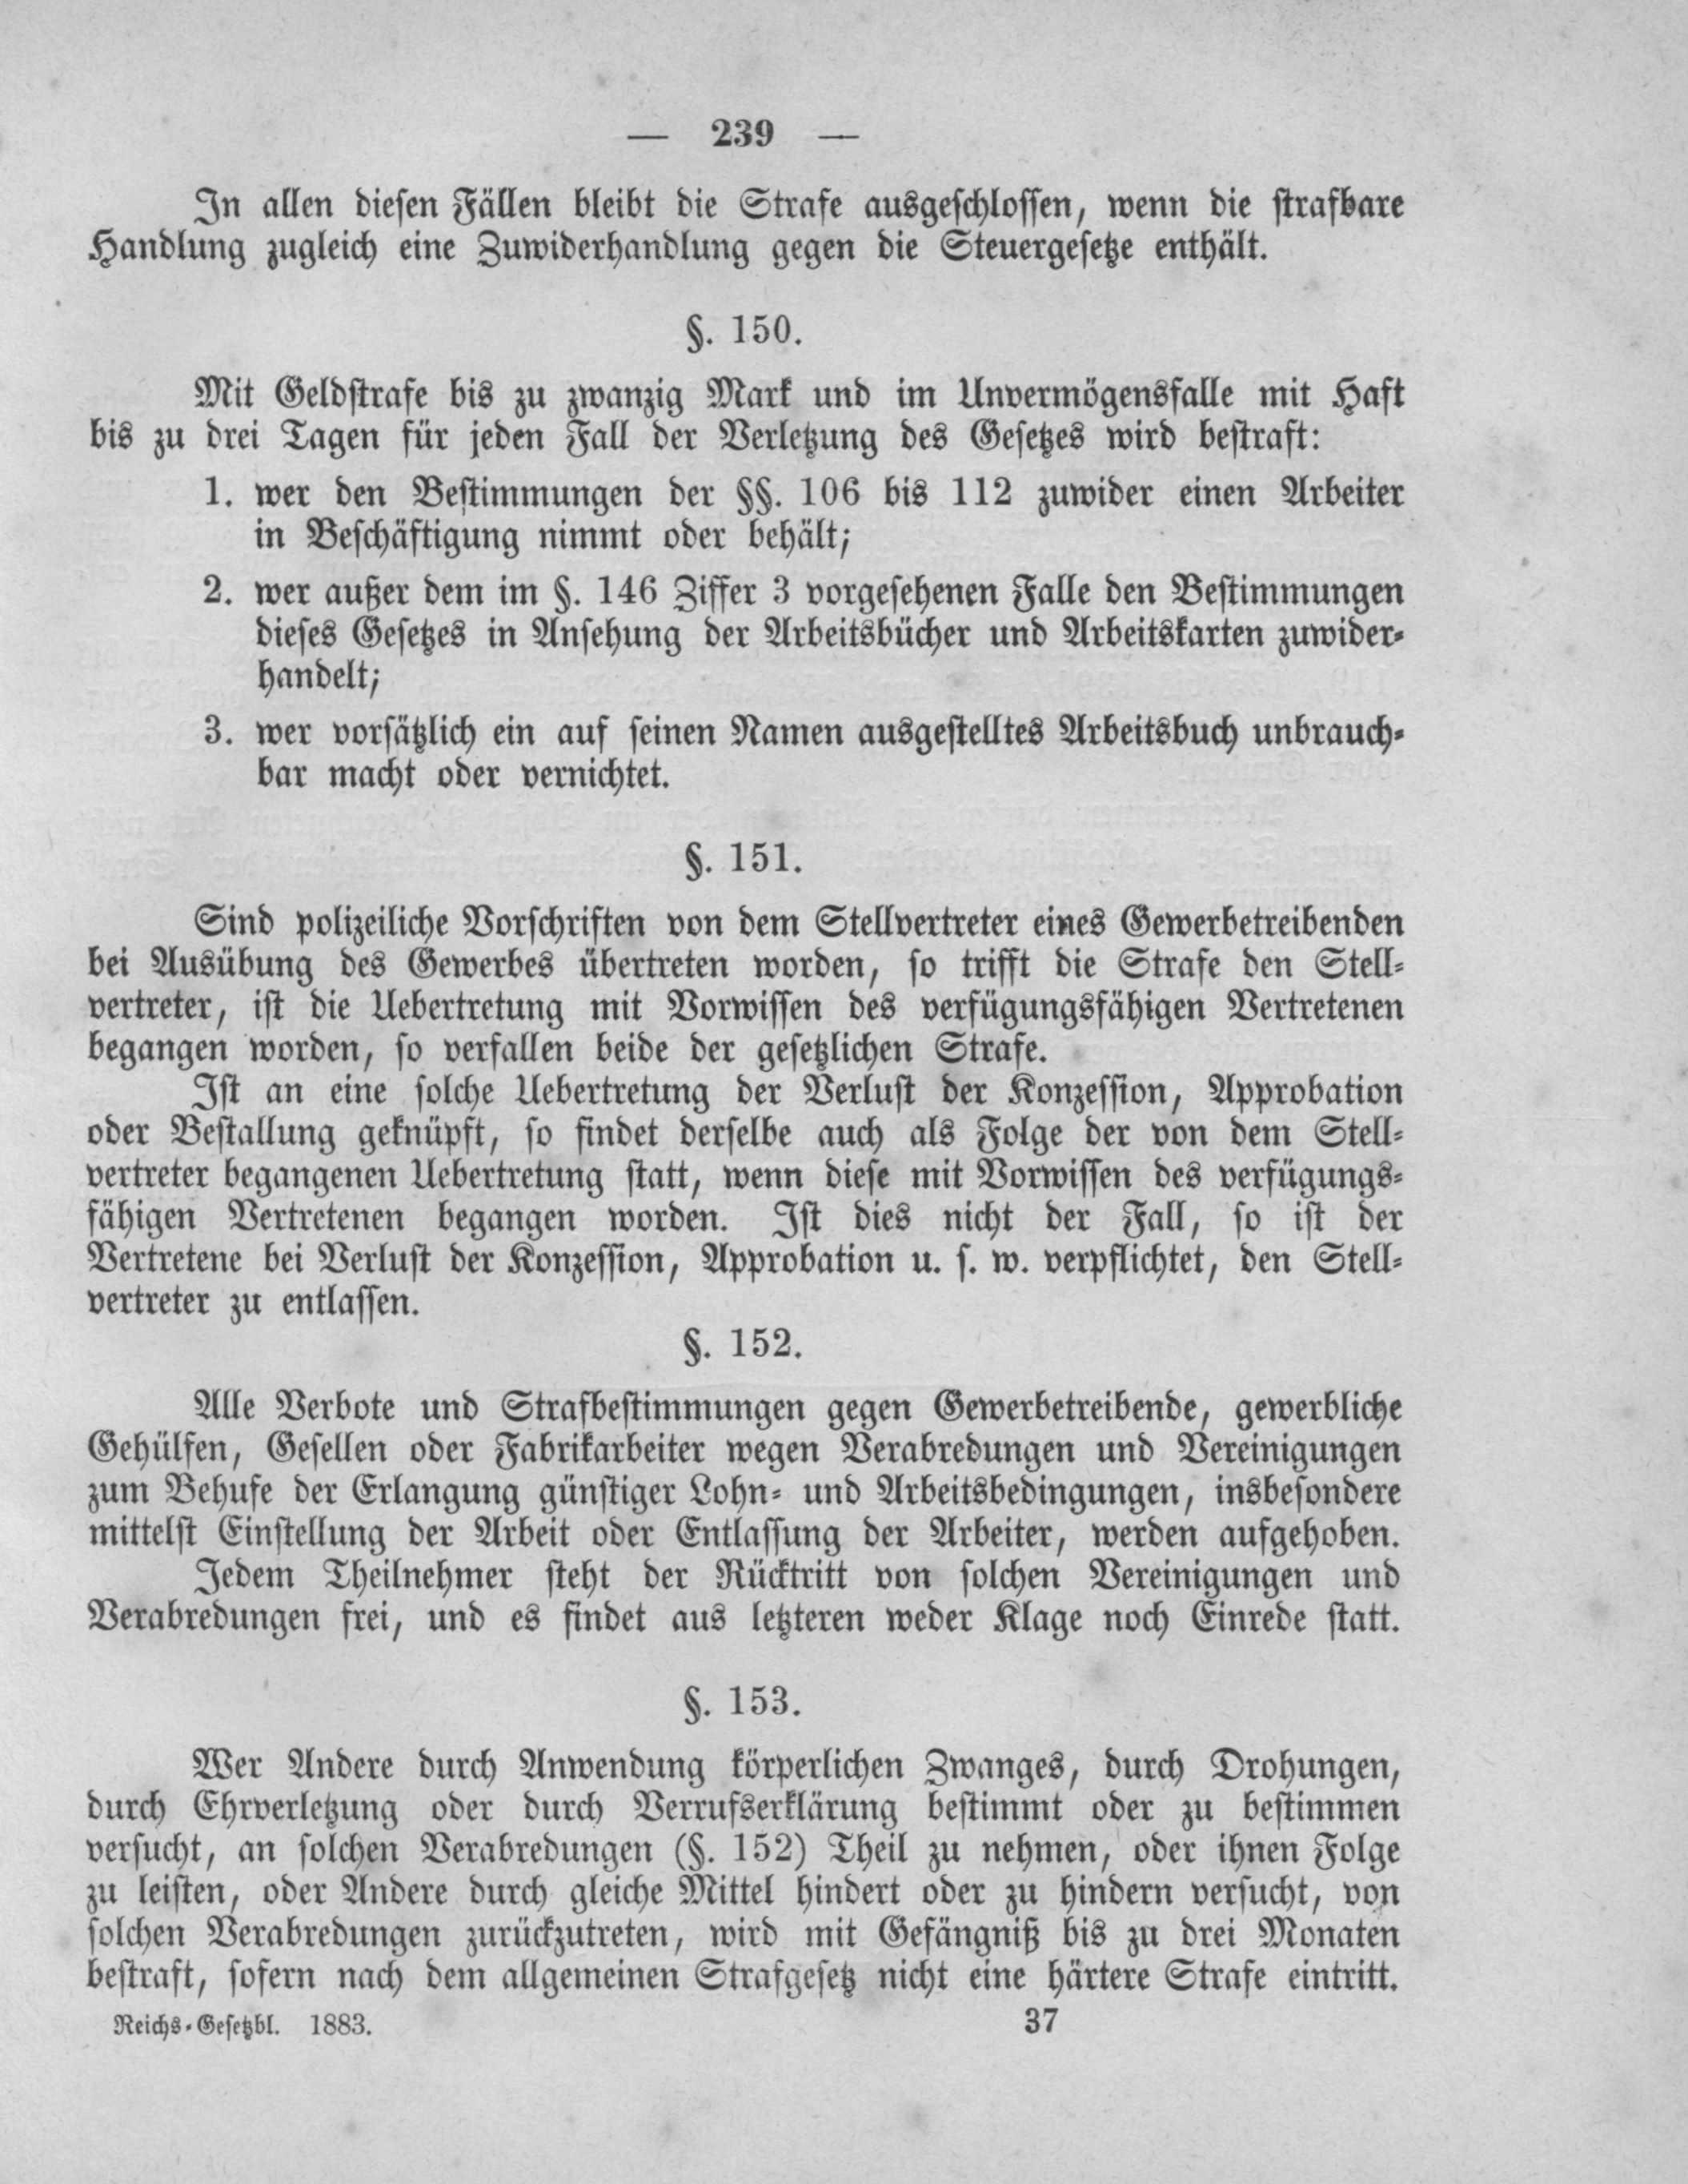 File:Deutsches Reichsgesetzblatt 1883 015 239.jpg - Wikimedia Commons